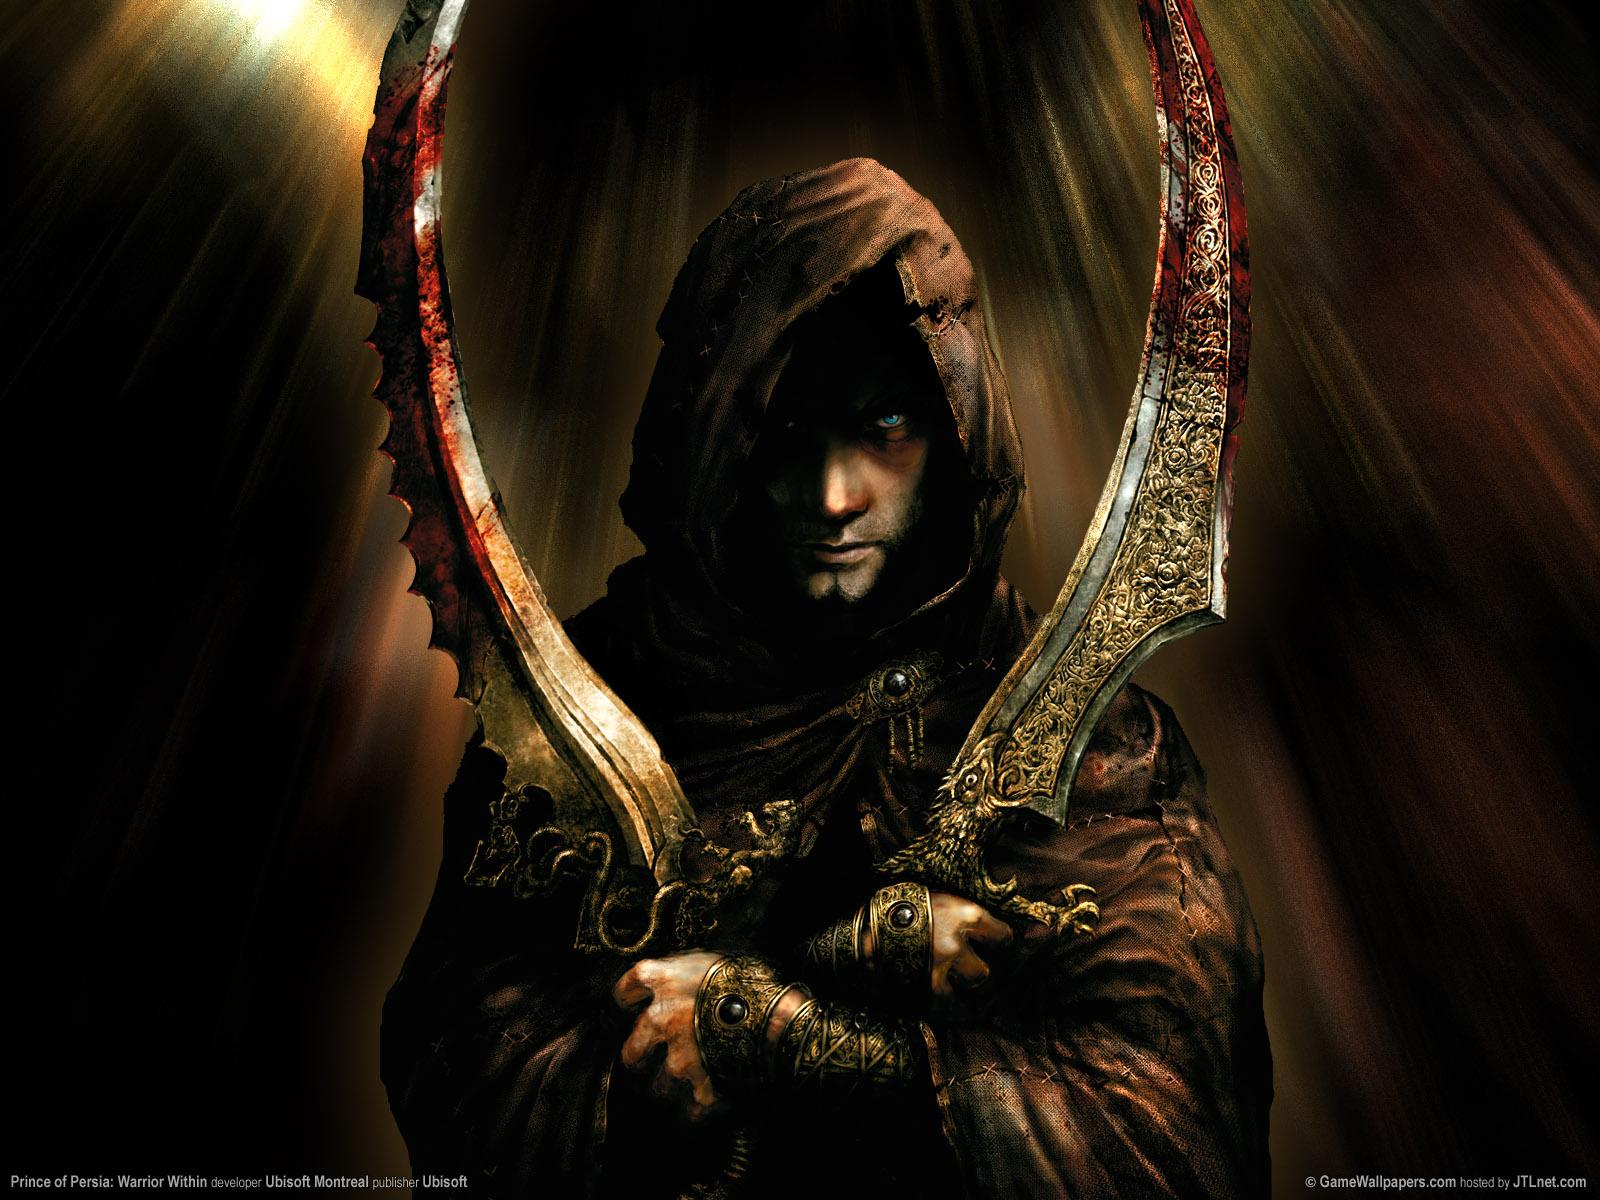 http://4.bp.blogspot.com/-b3WtVctfrno/TcoaUmGS5NI/AAAAAAAAANk/UhF3Y4d6KyA/s1600/prince_of_persia_warrior_within_01_1600x1200.jpg